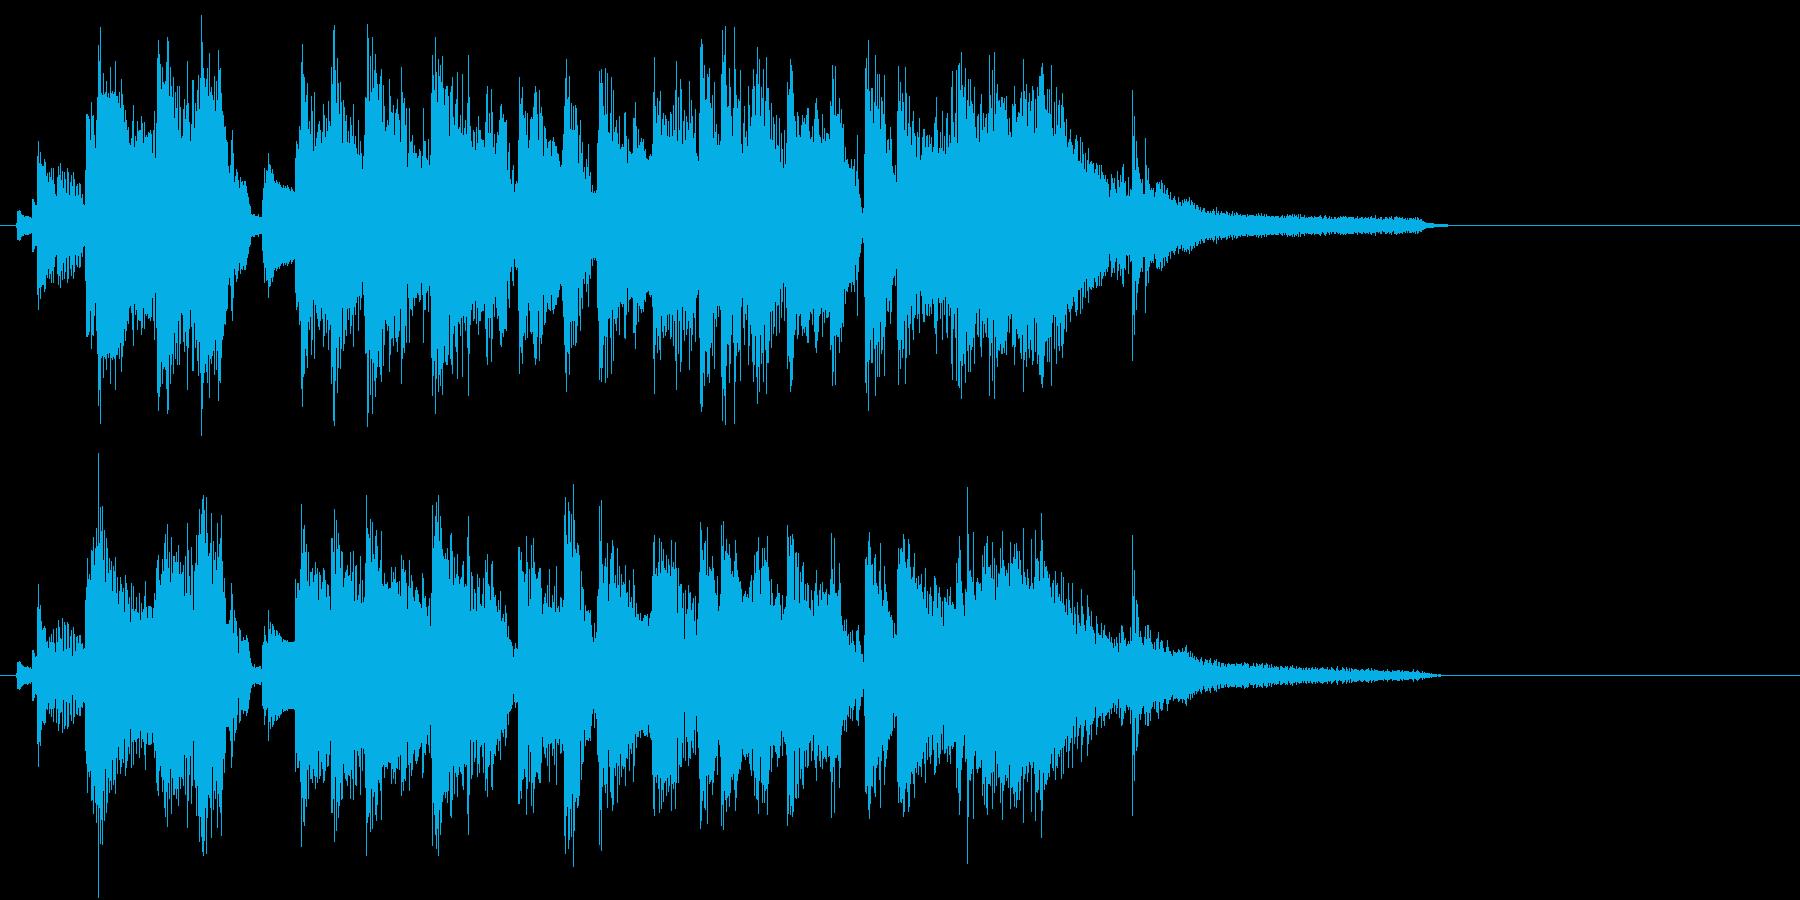 ピアノトリオでのジングル、ロゴ、キャッチの再生済みの波形